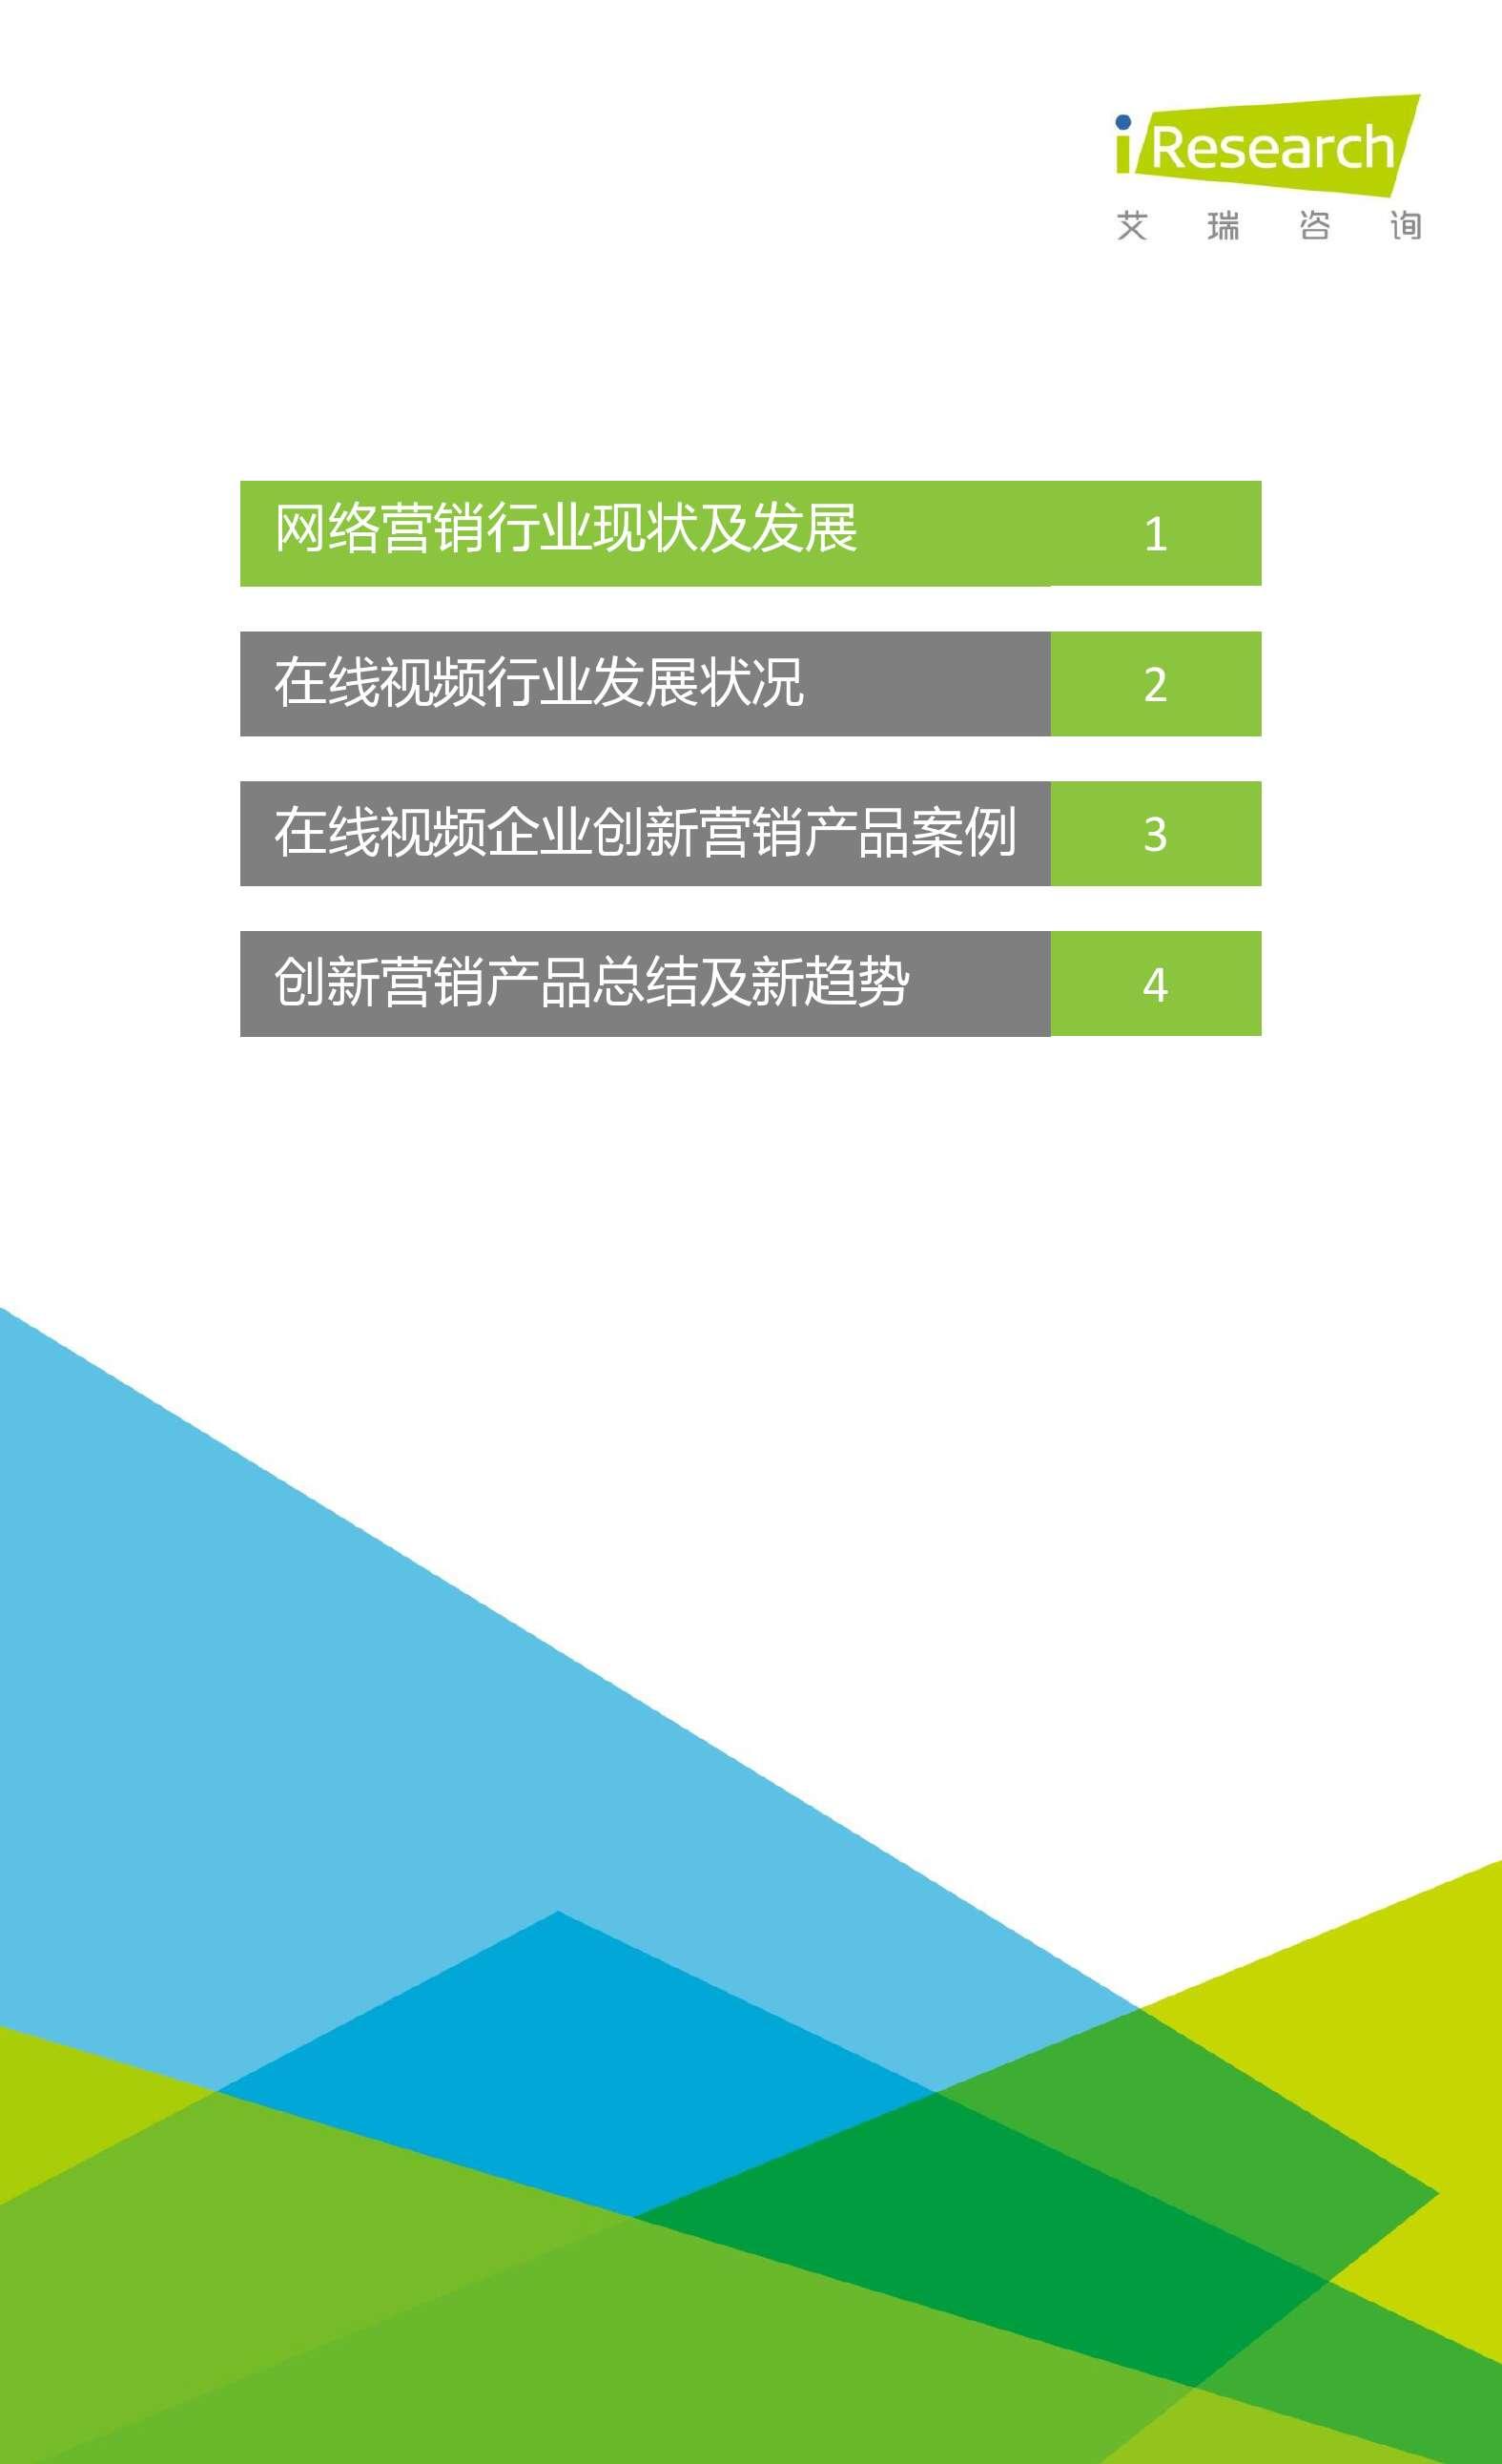 2016年中国在线视频企业创新营销研究_000002